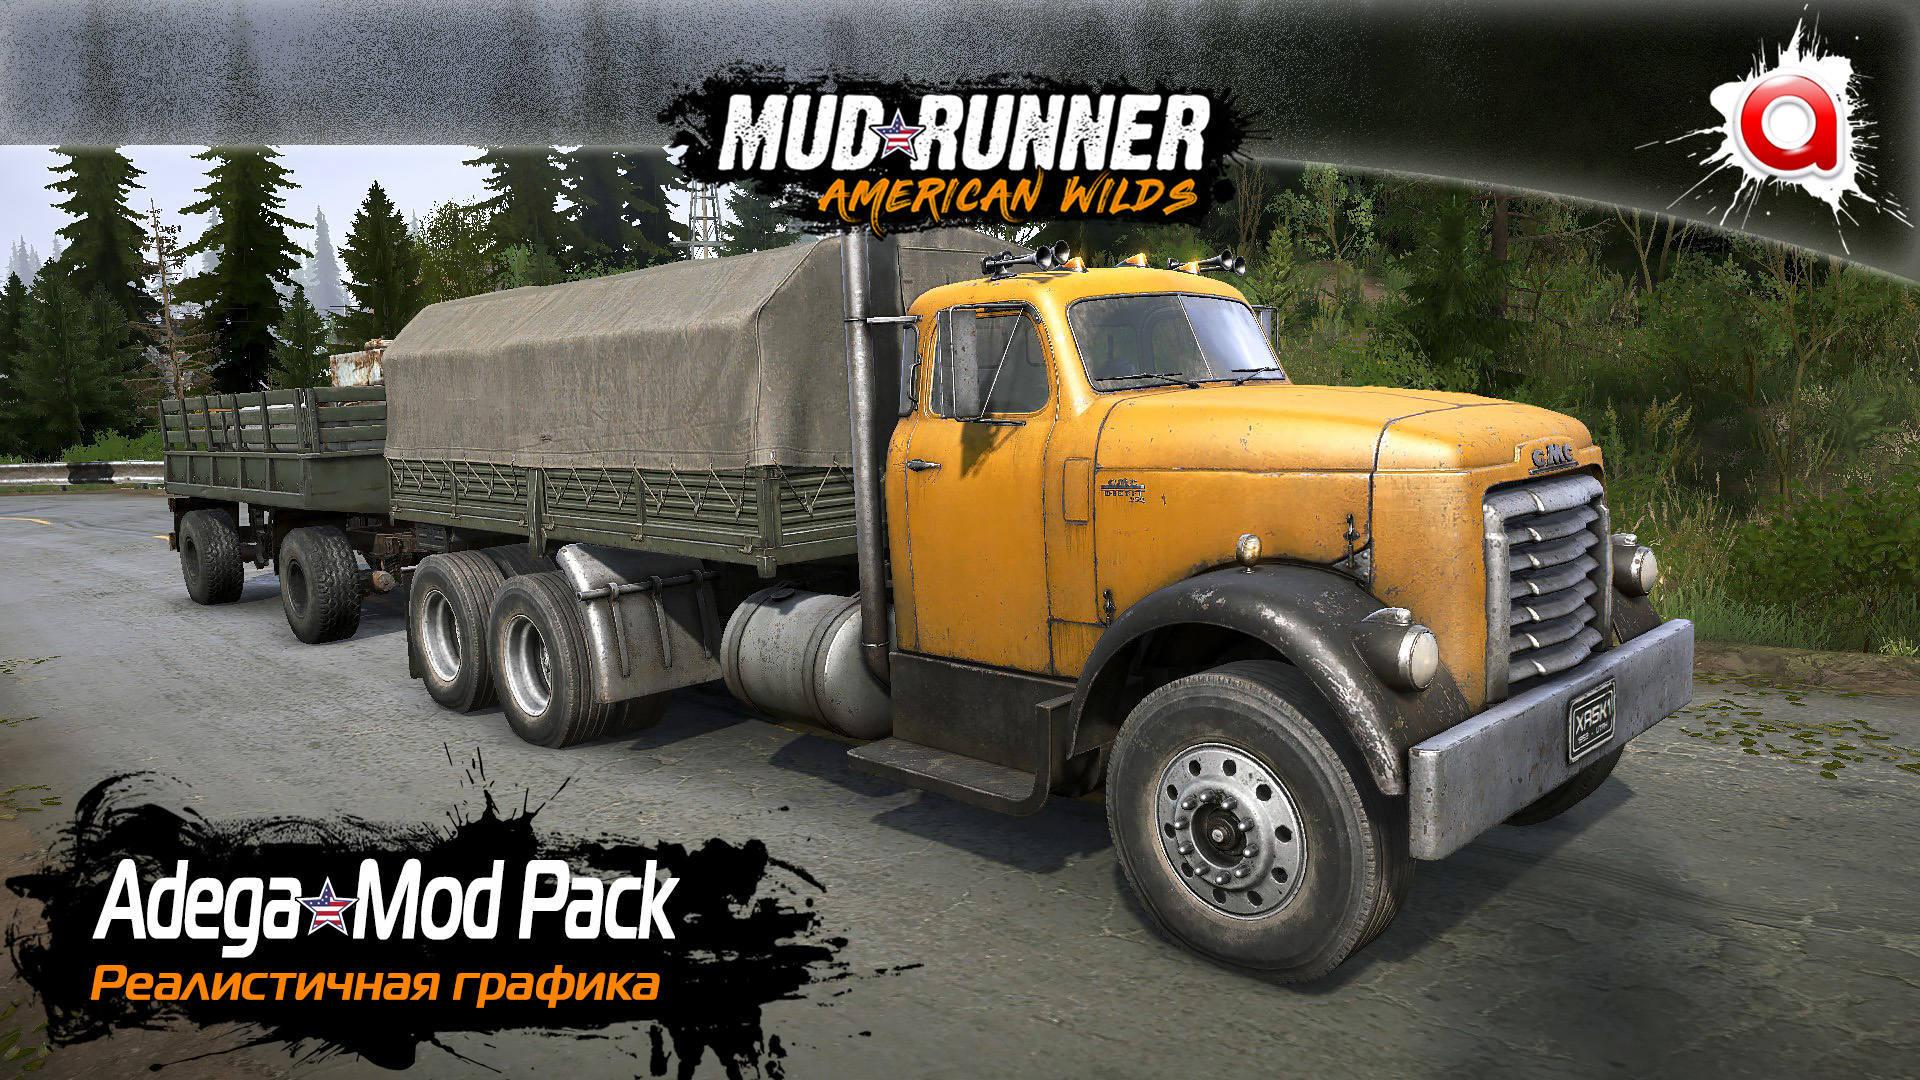 Реалистичная графика Adega Mod Pack